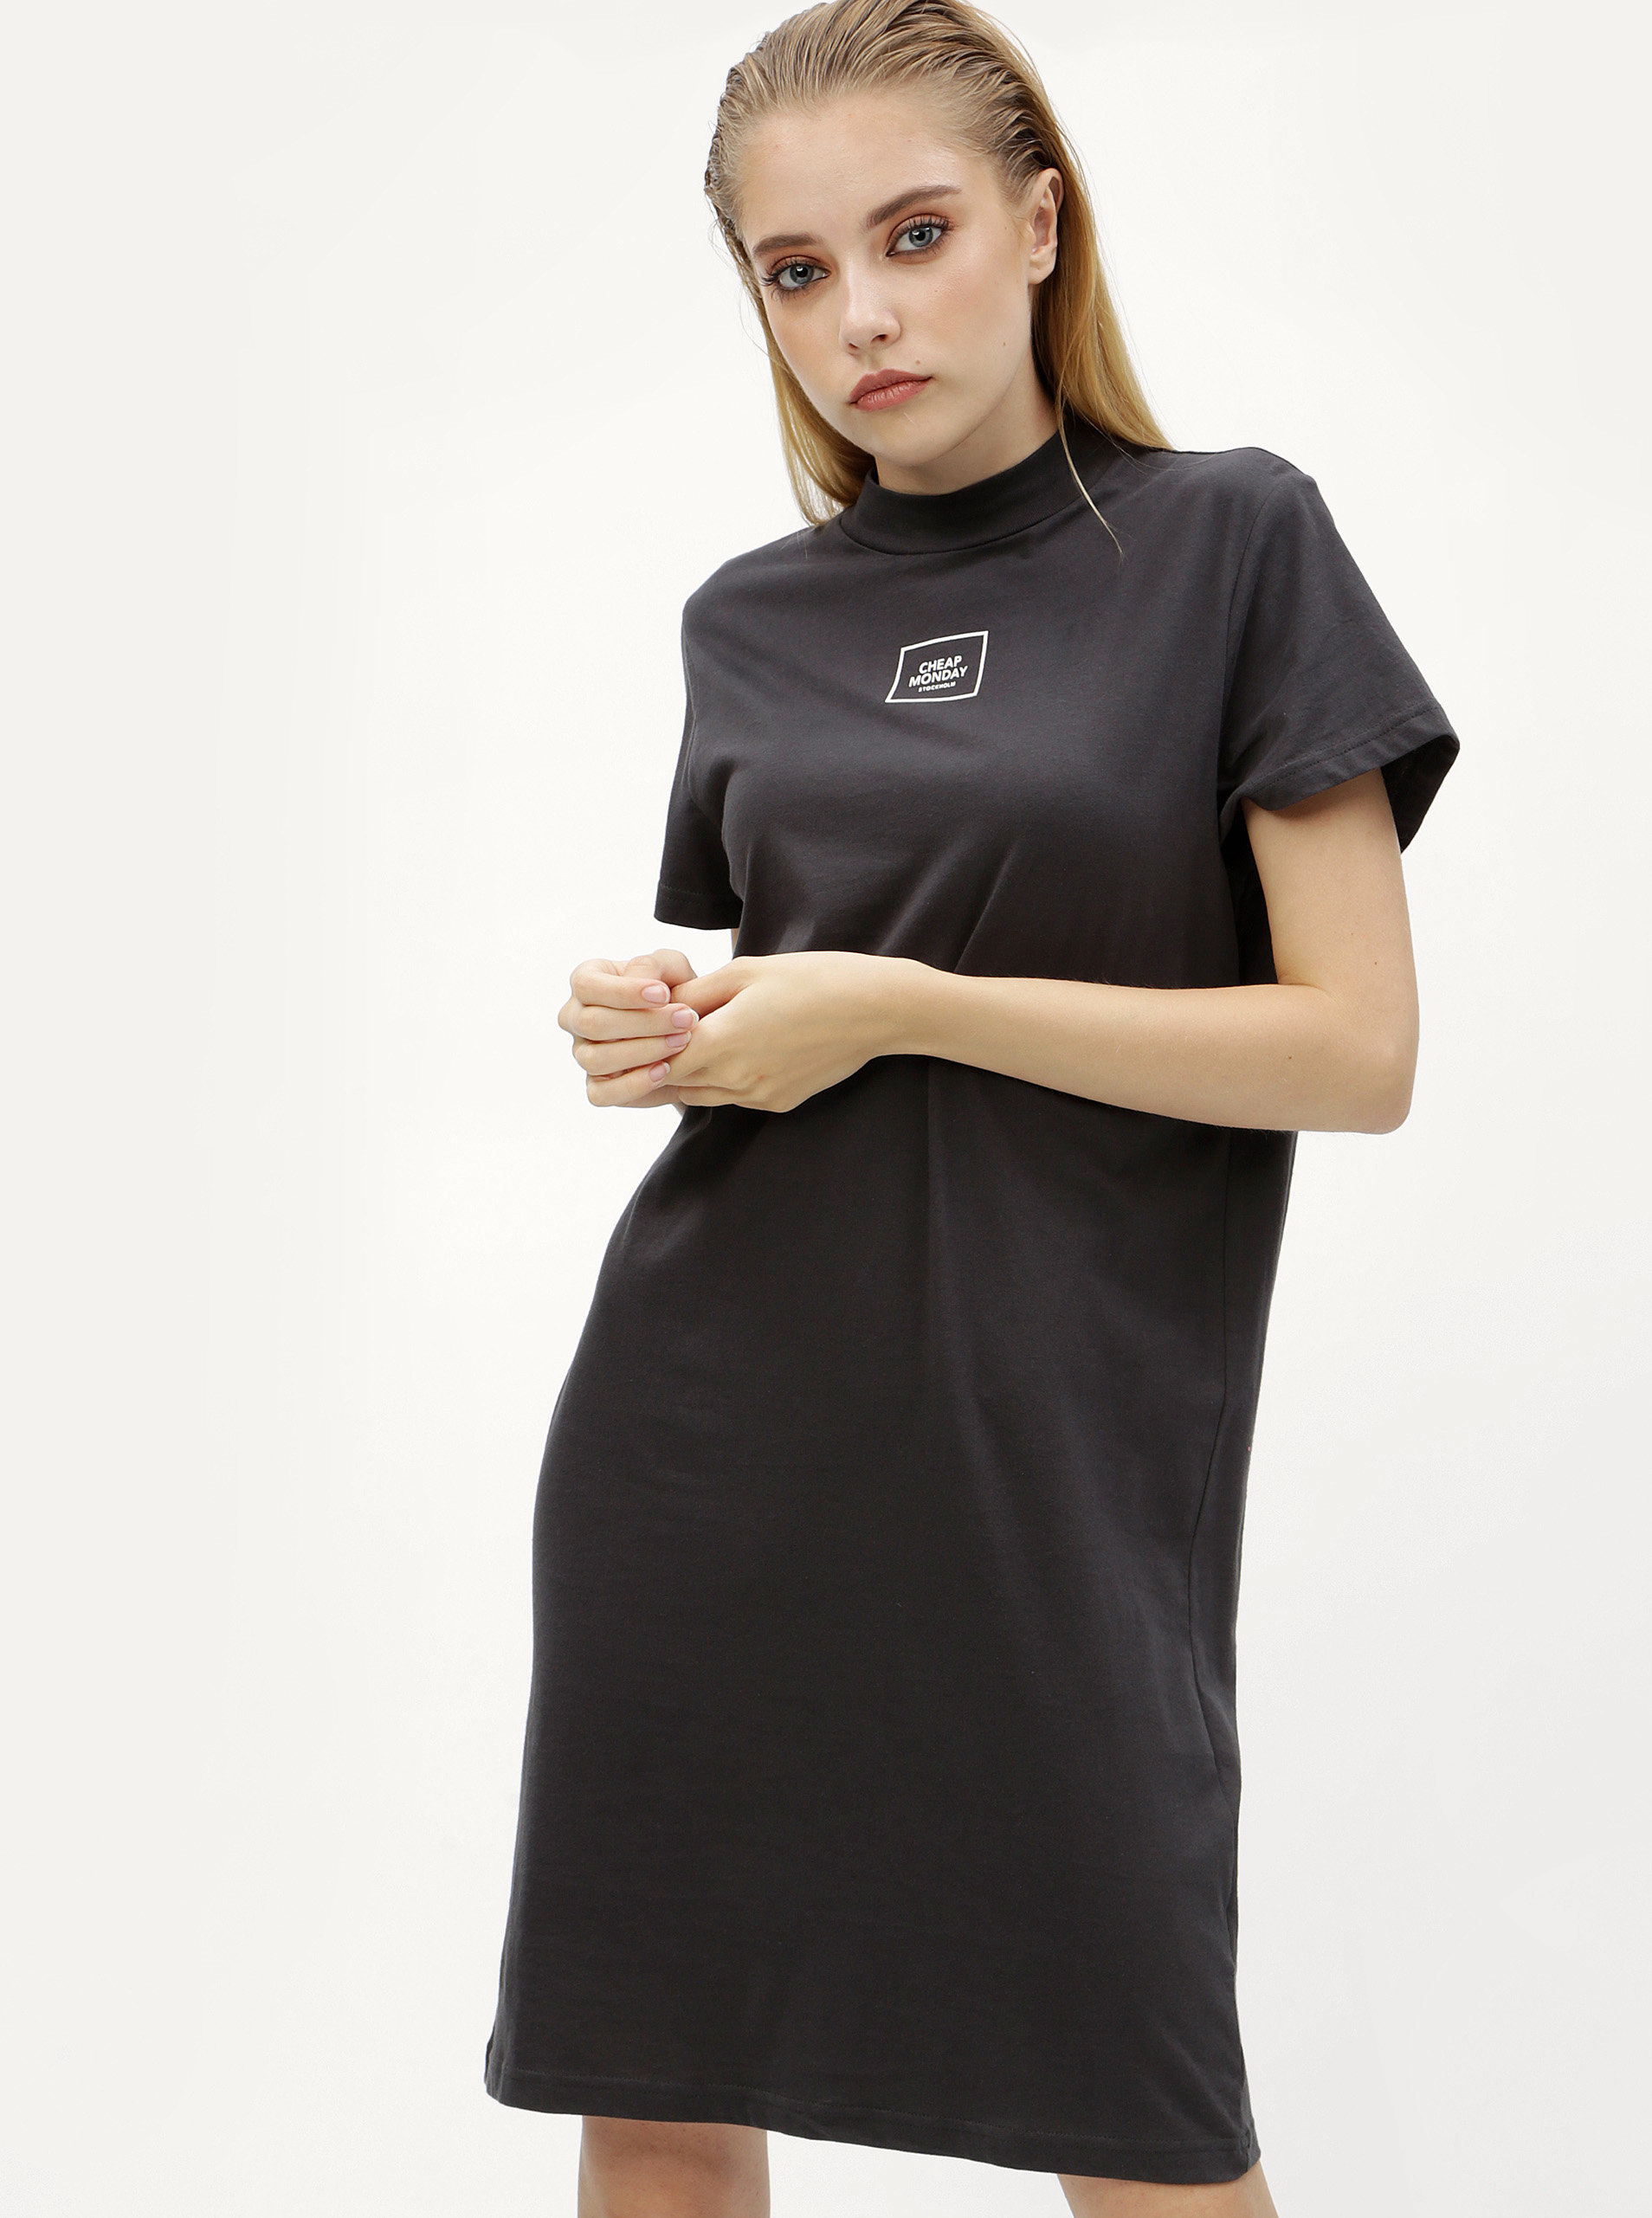 7c2f25eddc8c Šedé šaty s potiskem Cheap Monday ...